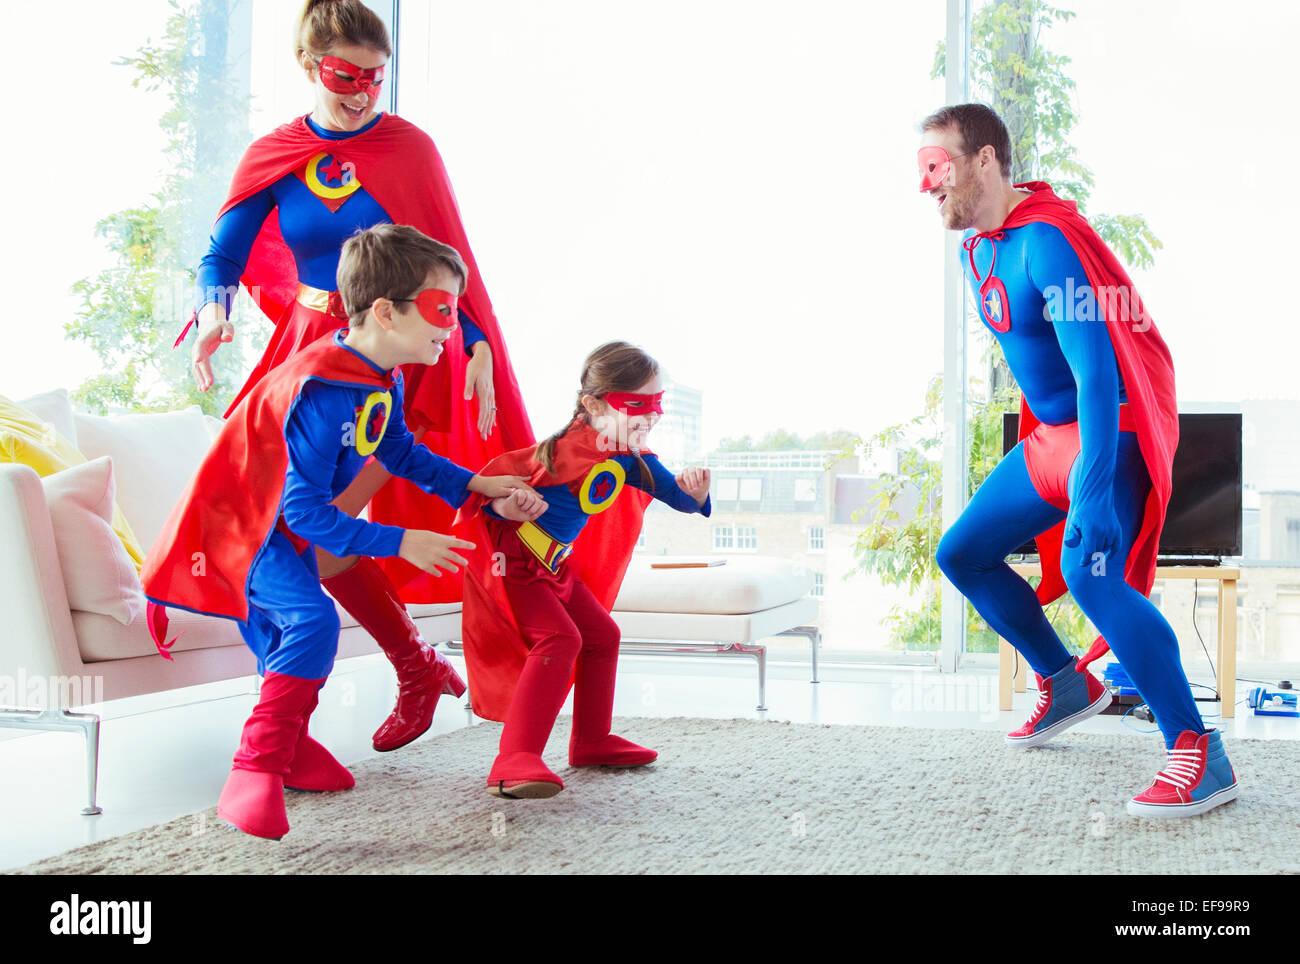 La familia de superhéroes persiguiendo unos a otros en la sala de estar Foto de stock